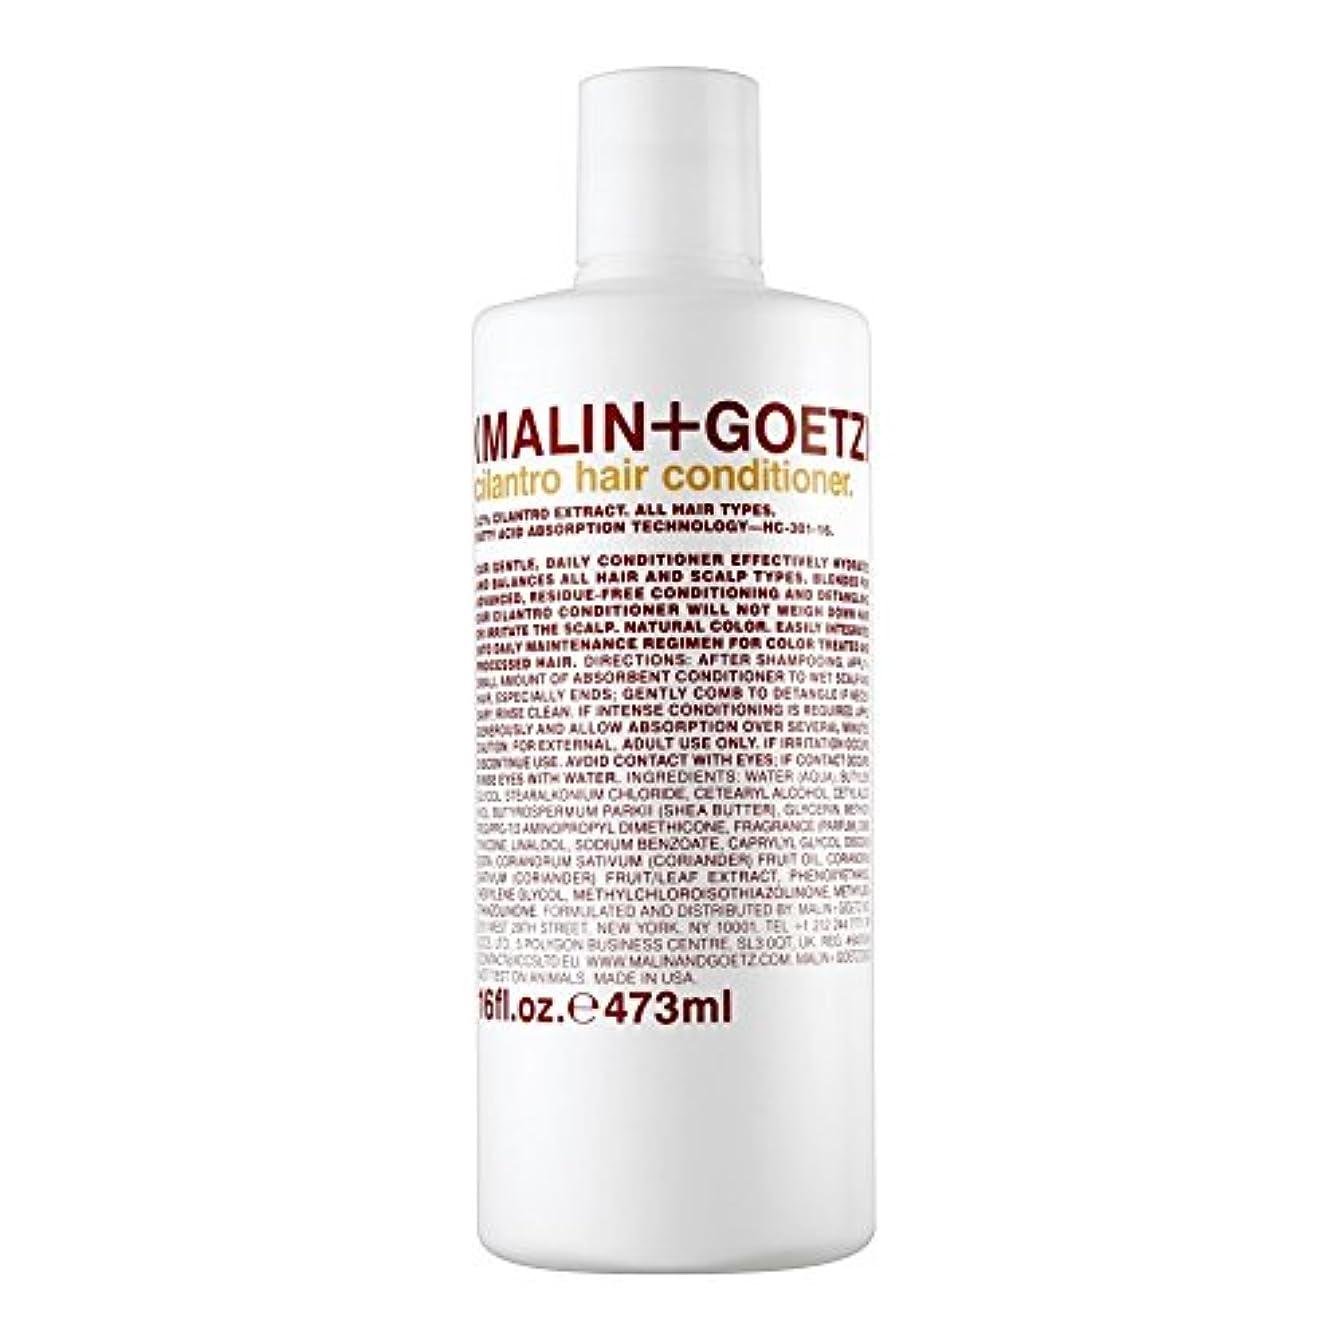 手紙を書くフォアマン同僚マリン+ゲッツコリアンダーのヘアコンディショナー473ミリリットル x2 - MALIN+GOETZ Cilantro Hair Conditioner 473ml (Pack of 2) [並行輸入品]